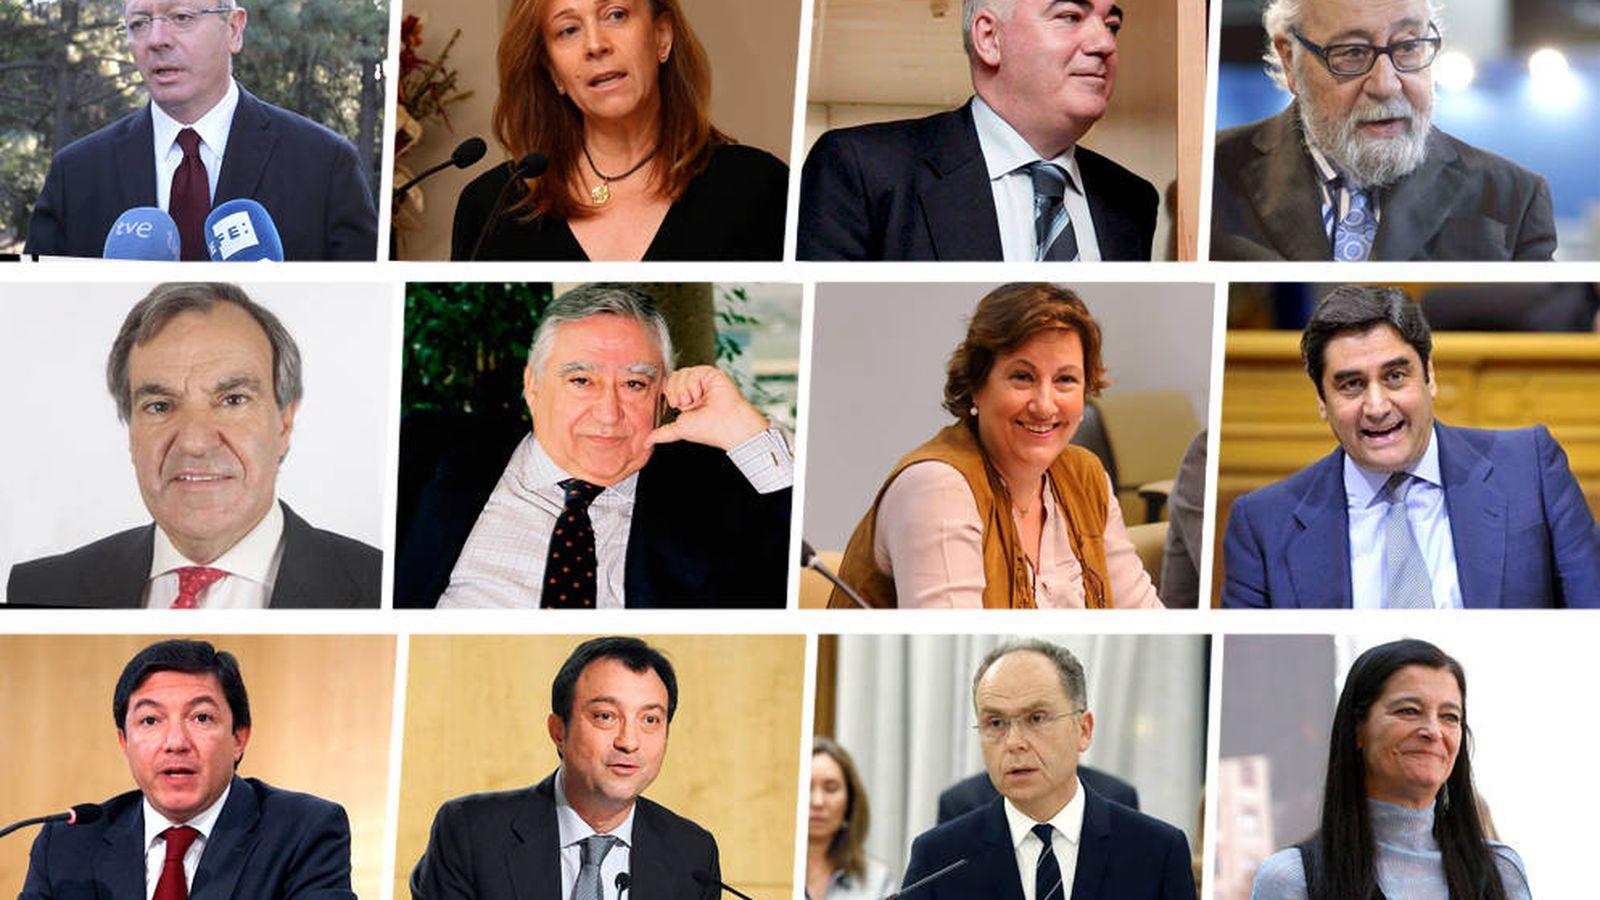 Foto: De izq. a derecha y de arriba abajo: Ruiz-Gallardón, P. Martínez, C. Mayor Oreja, Cortés, Peral, Blázquez, Paz González, Echániz, Calvo, Cobo, Bravo y Moreno.